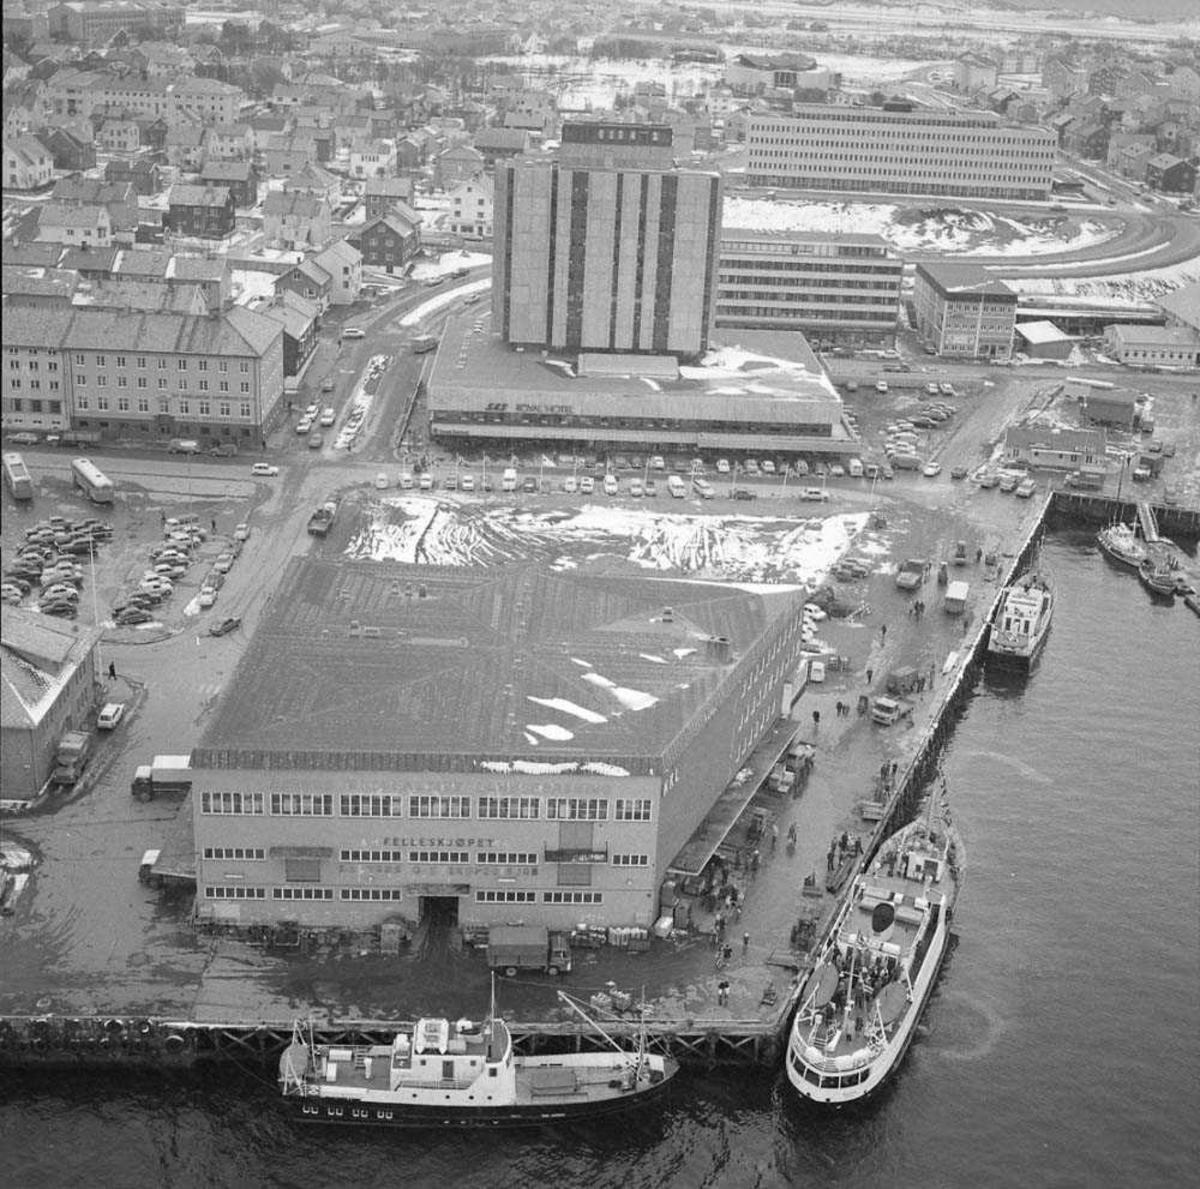 """Åpningen av Hotel SAS Royal i Bodø. Hotellet sees midt på bak i bildet. Det lange hvite bygget helt bak og til høyre er Nordland Fylkesbygg. Helt framme til høyre sees båten """"Salten""""."""